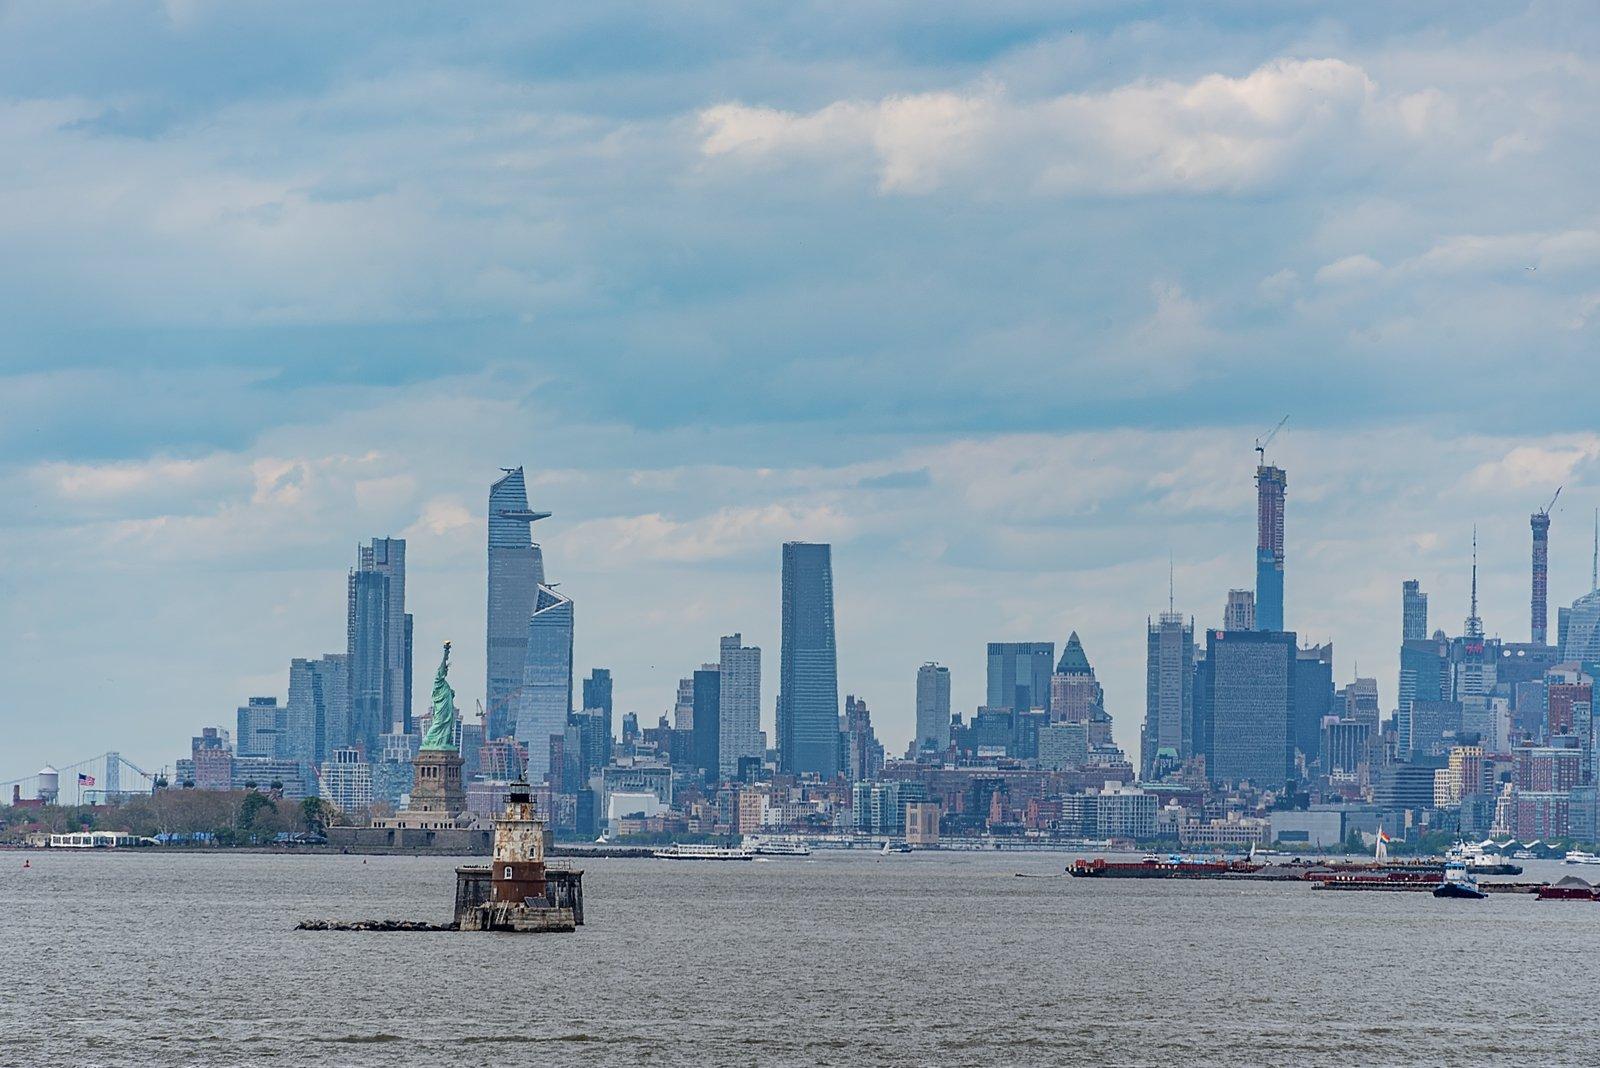 Meiers Corners Staten Island, NY Private Investigator